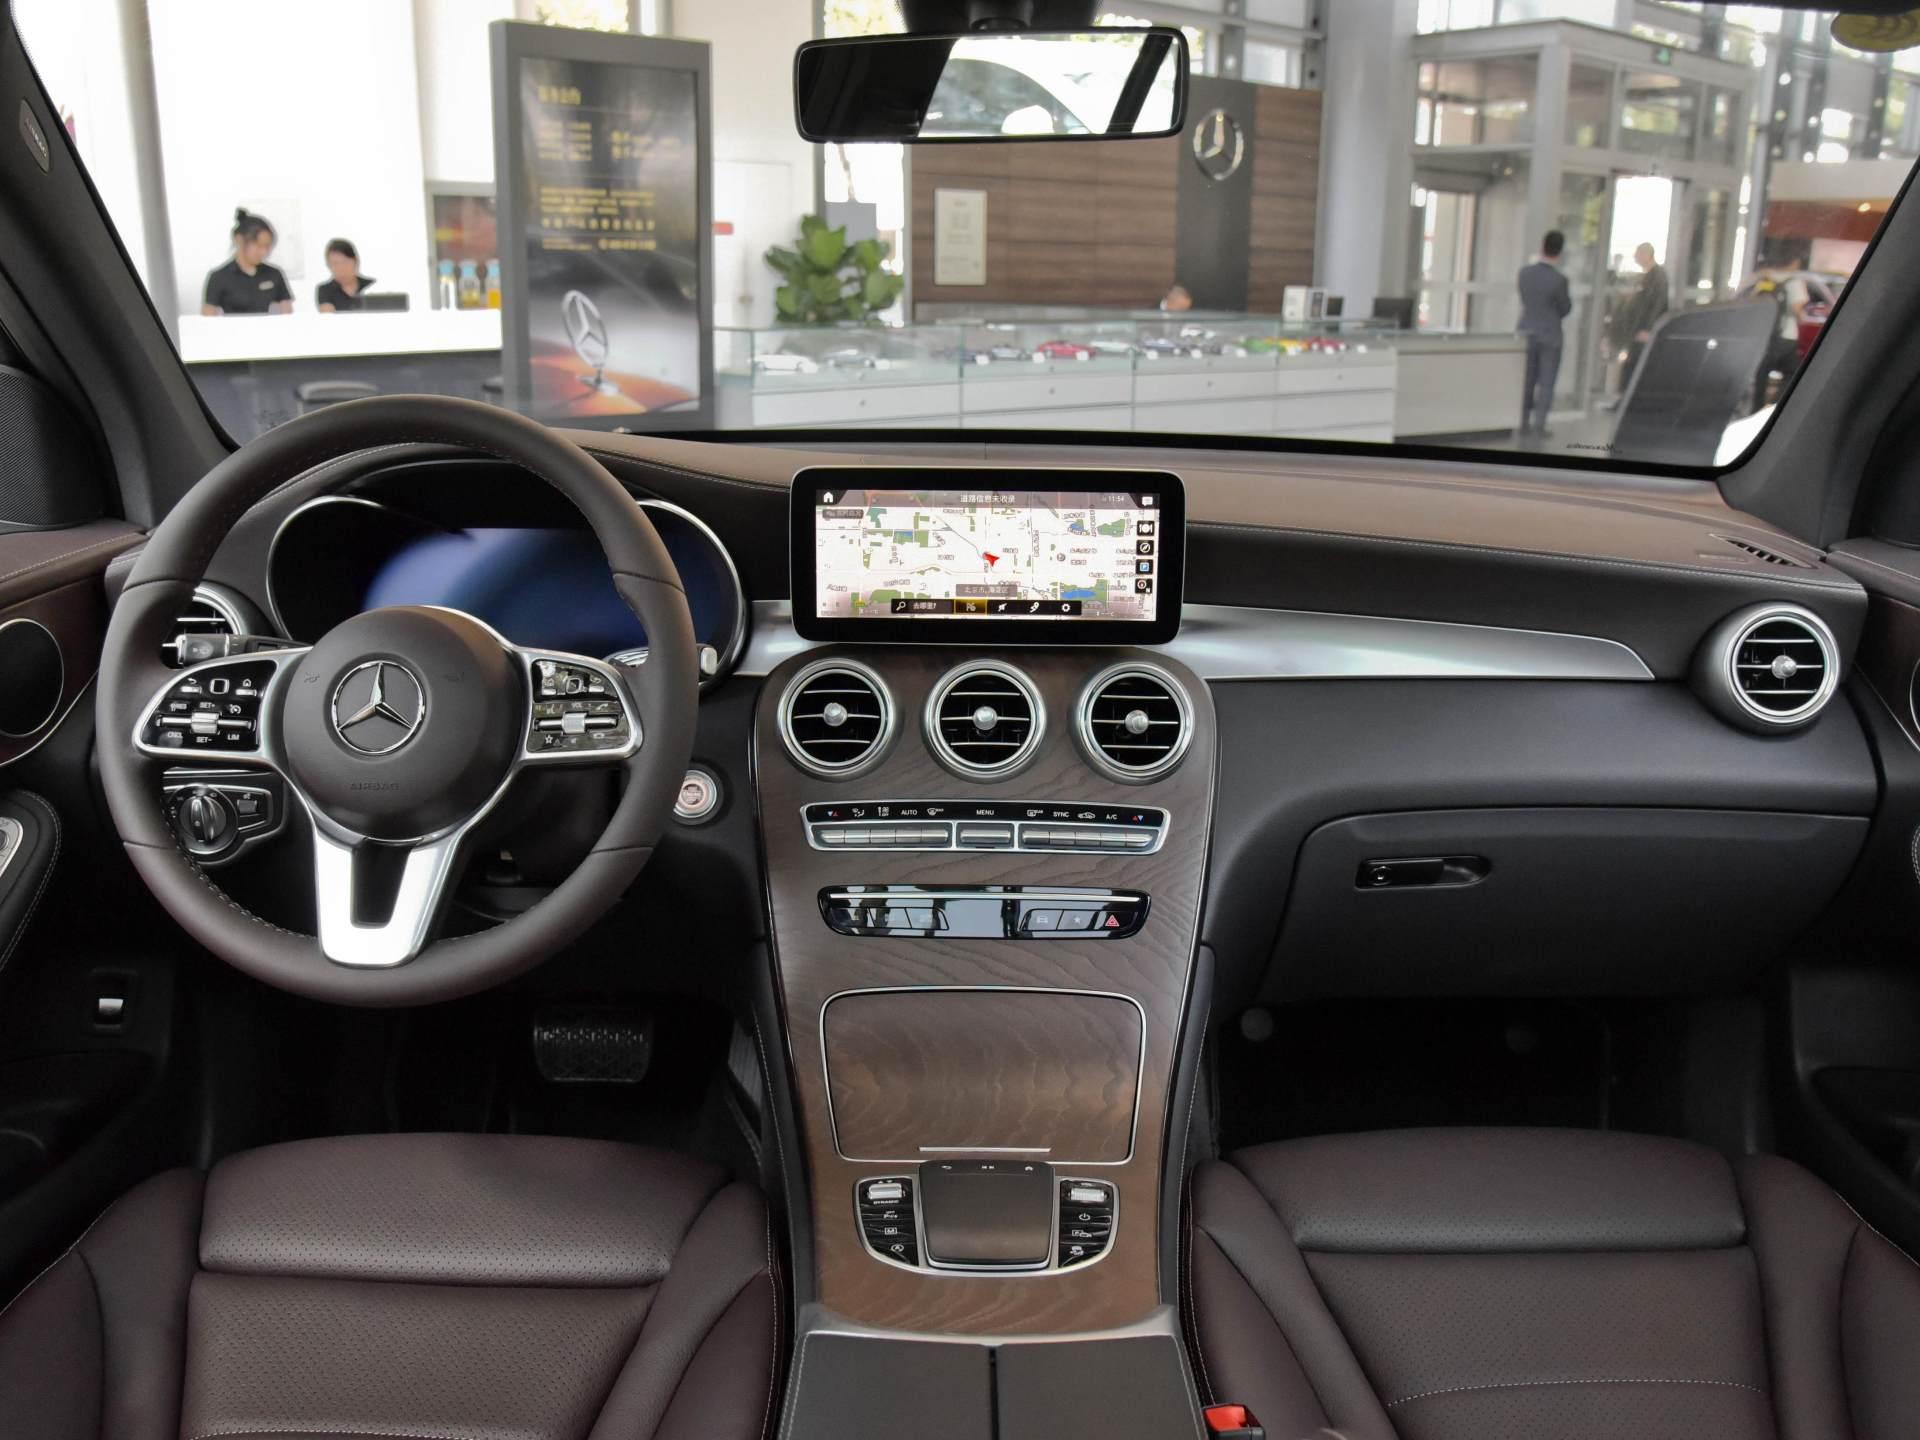 實在的豪華SUV,高近1.9米,2.0T+四驅,奔馳品牌是亮點-圖5